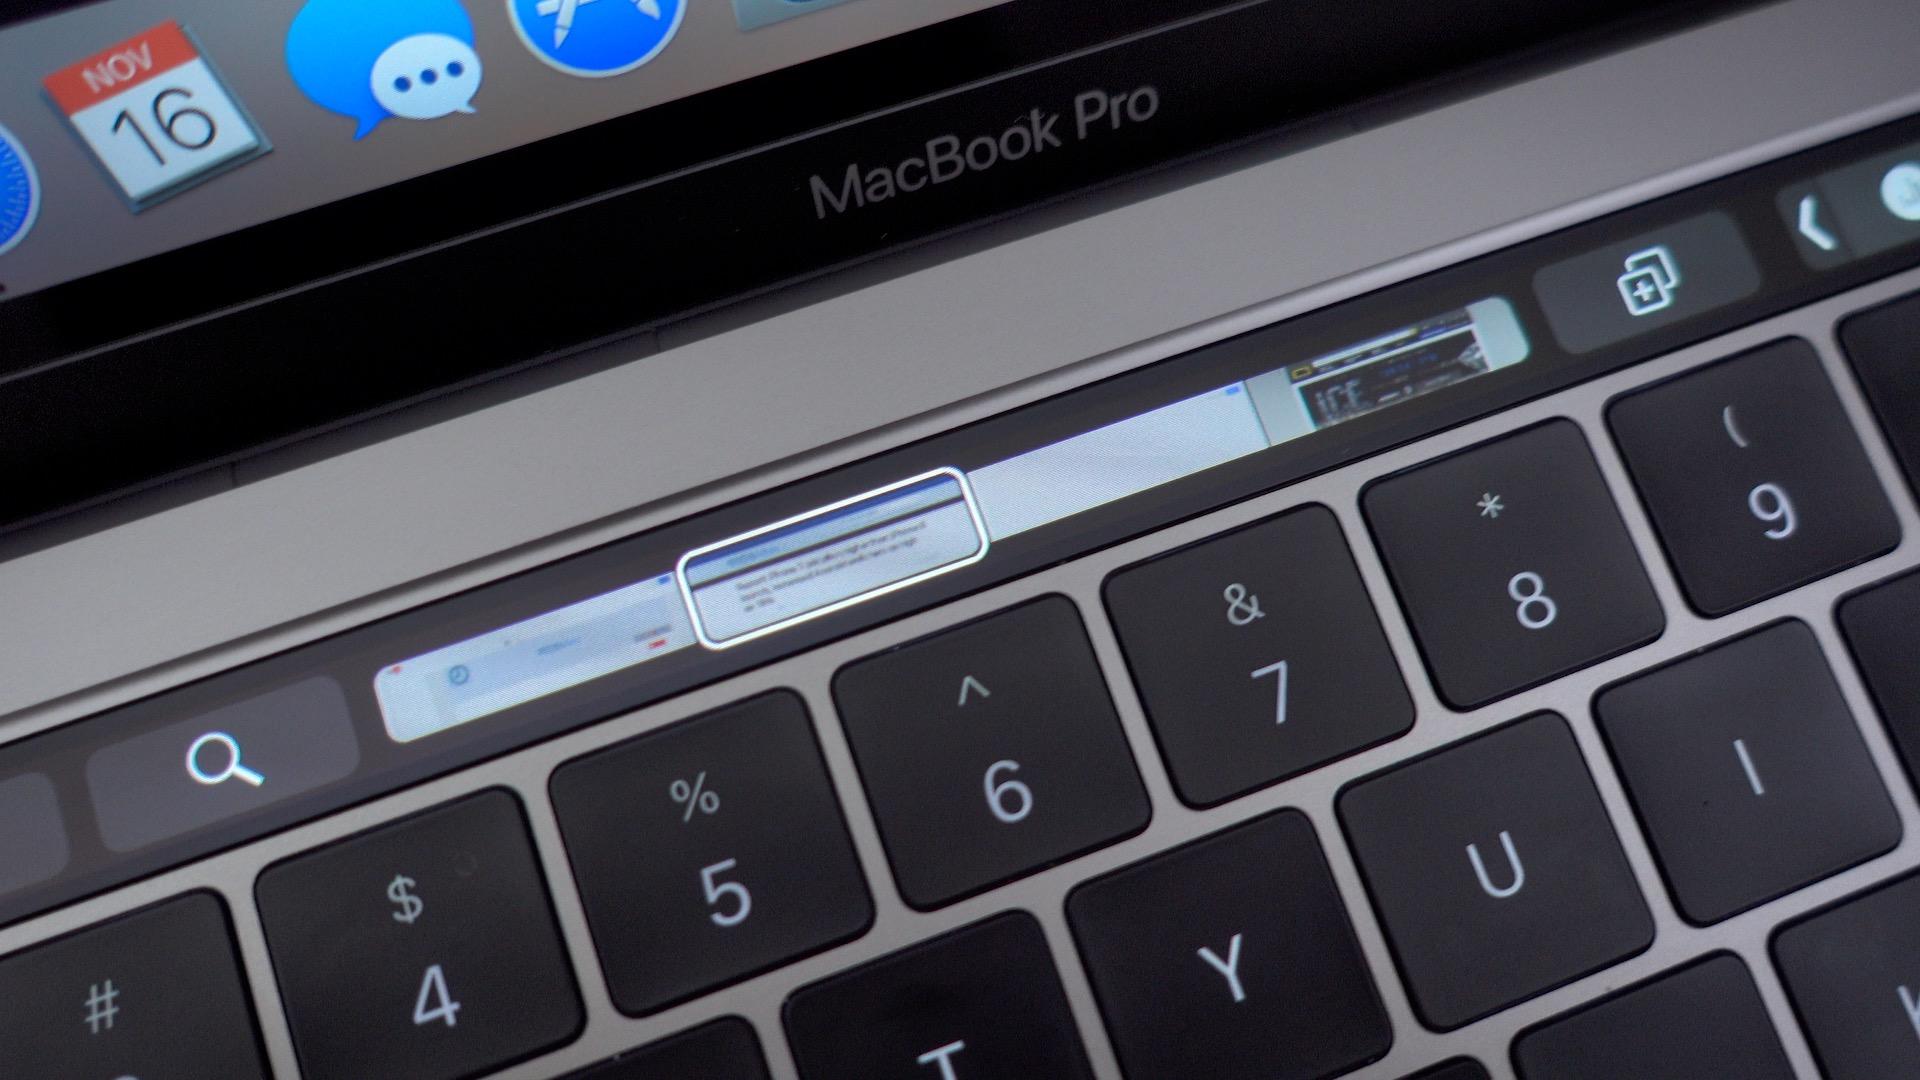 safari-macbook-pro-touch-bar